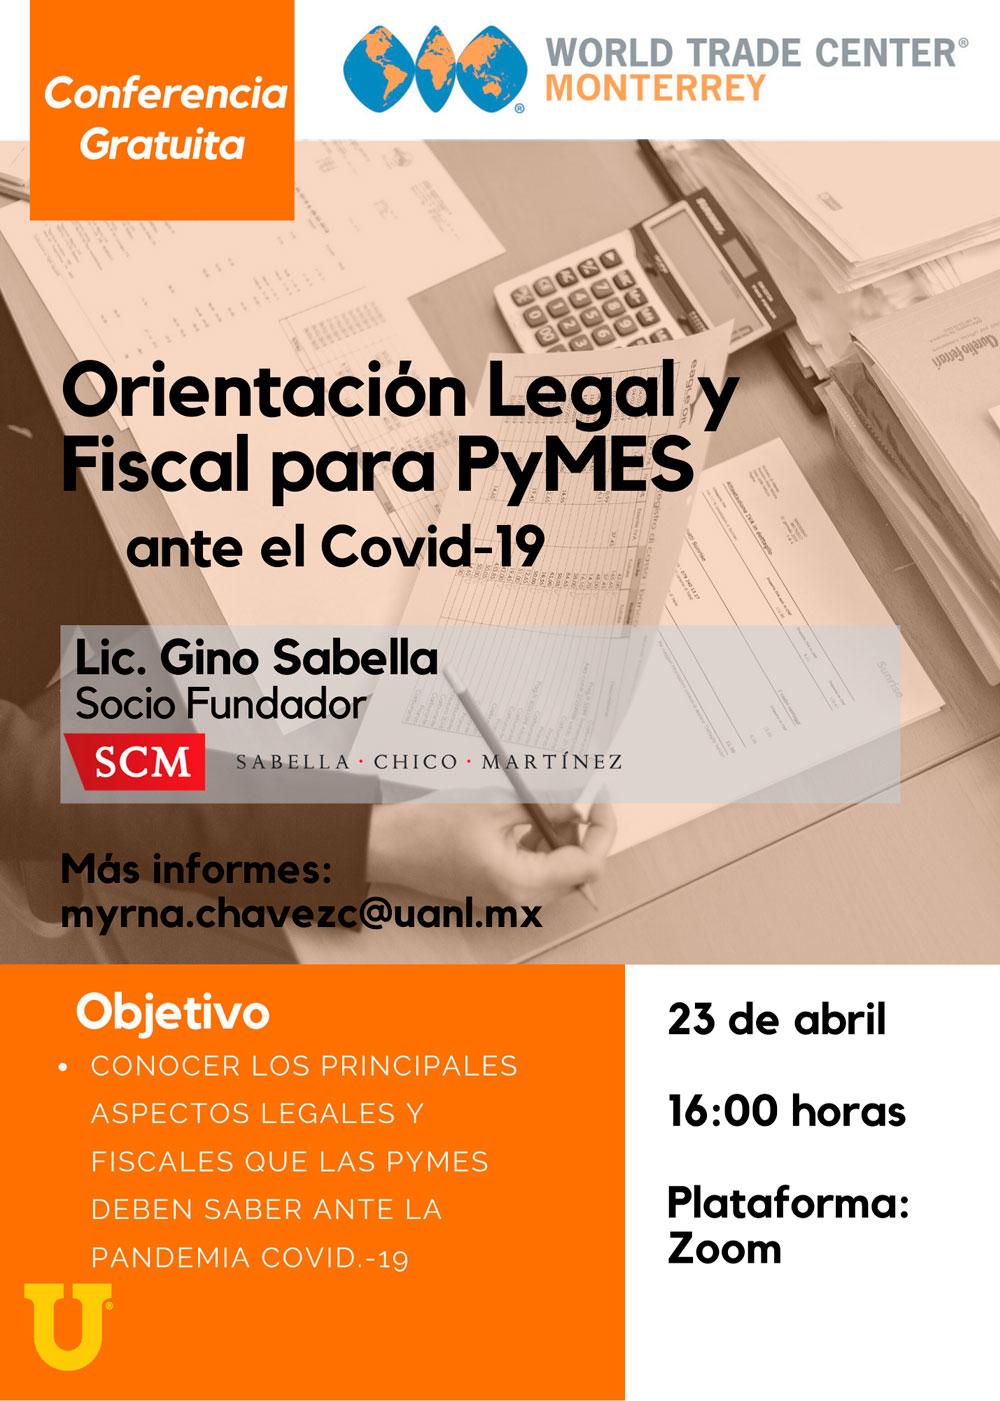 Orientación Legal y Fiscal para Pymes